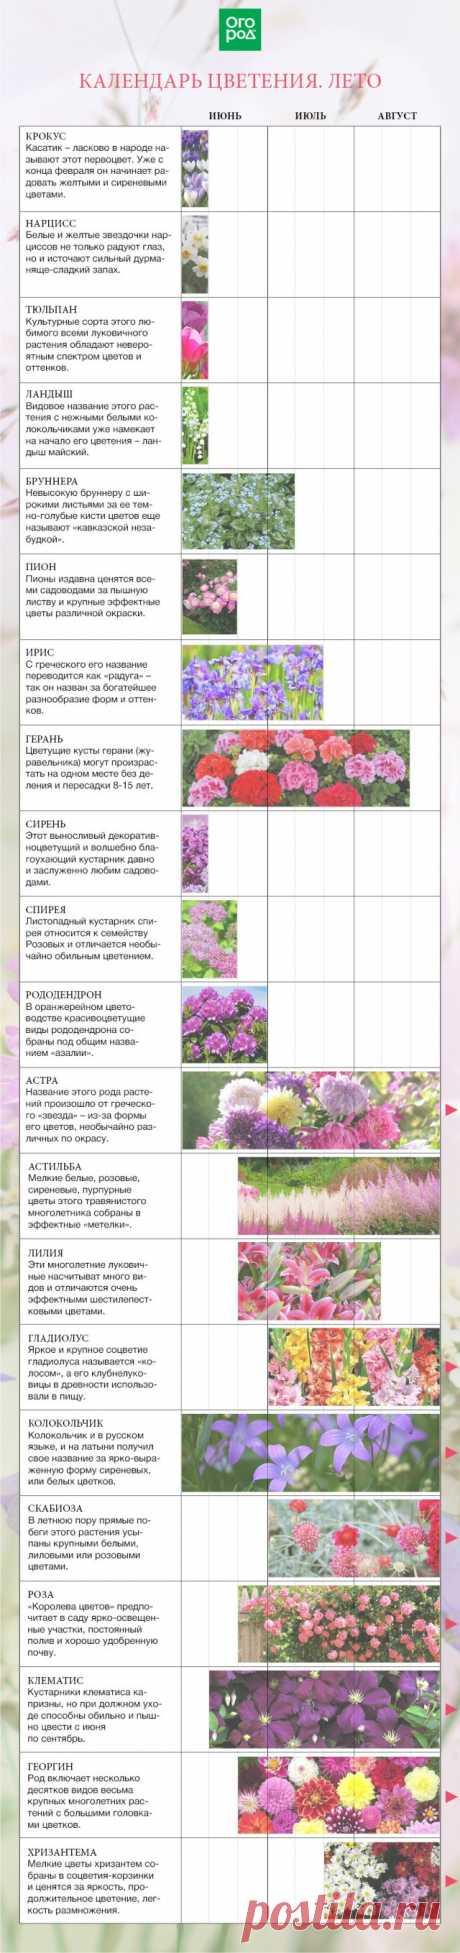 Календарь цветения многолетников по месяцам с весны до осени | Календарь работ (Огород.ru)